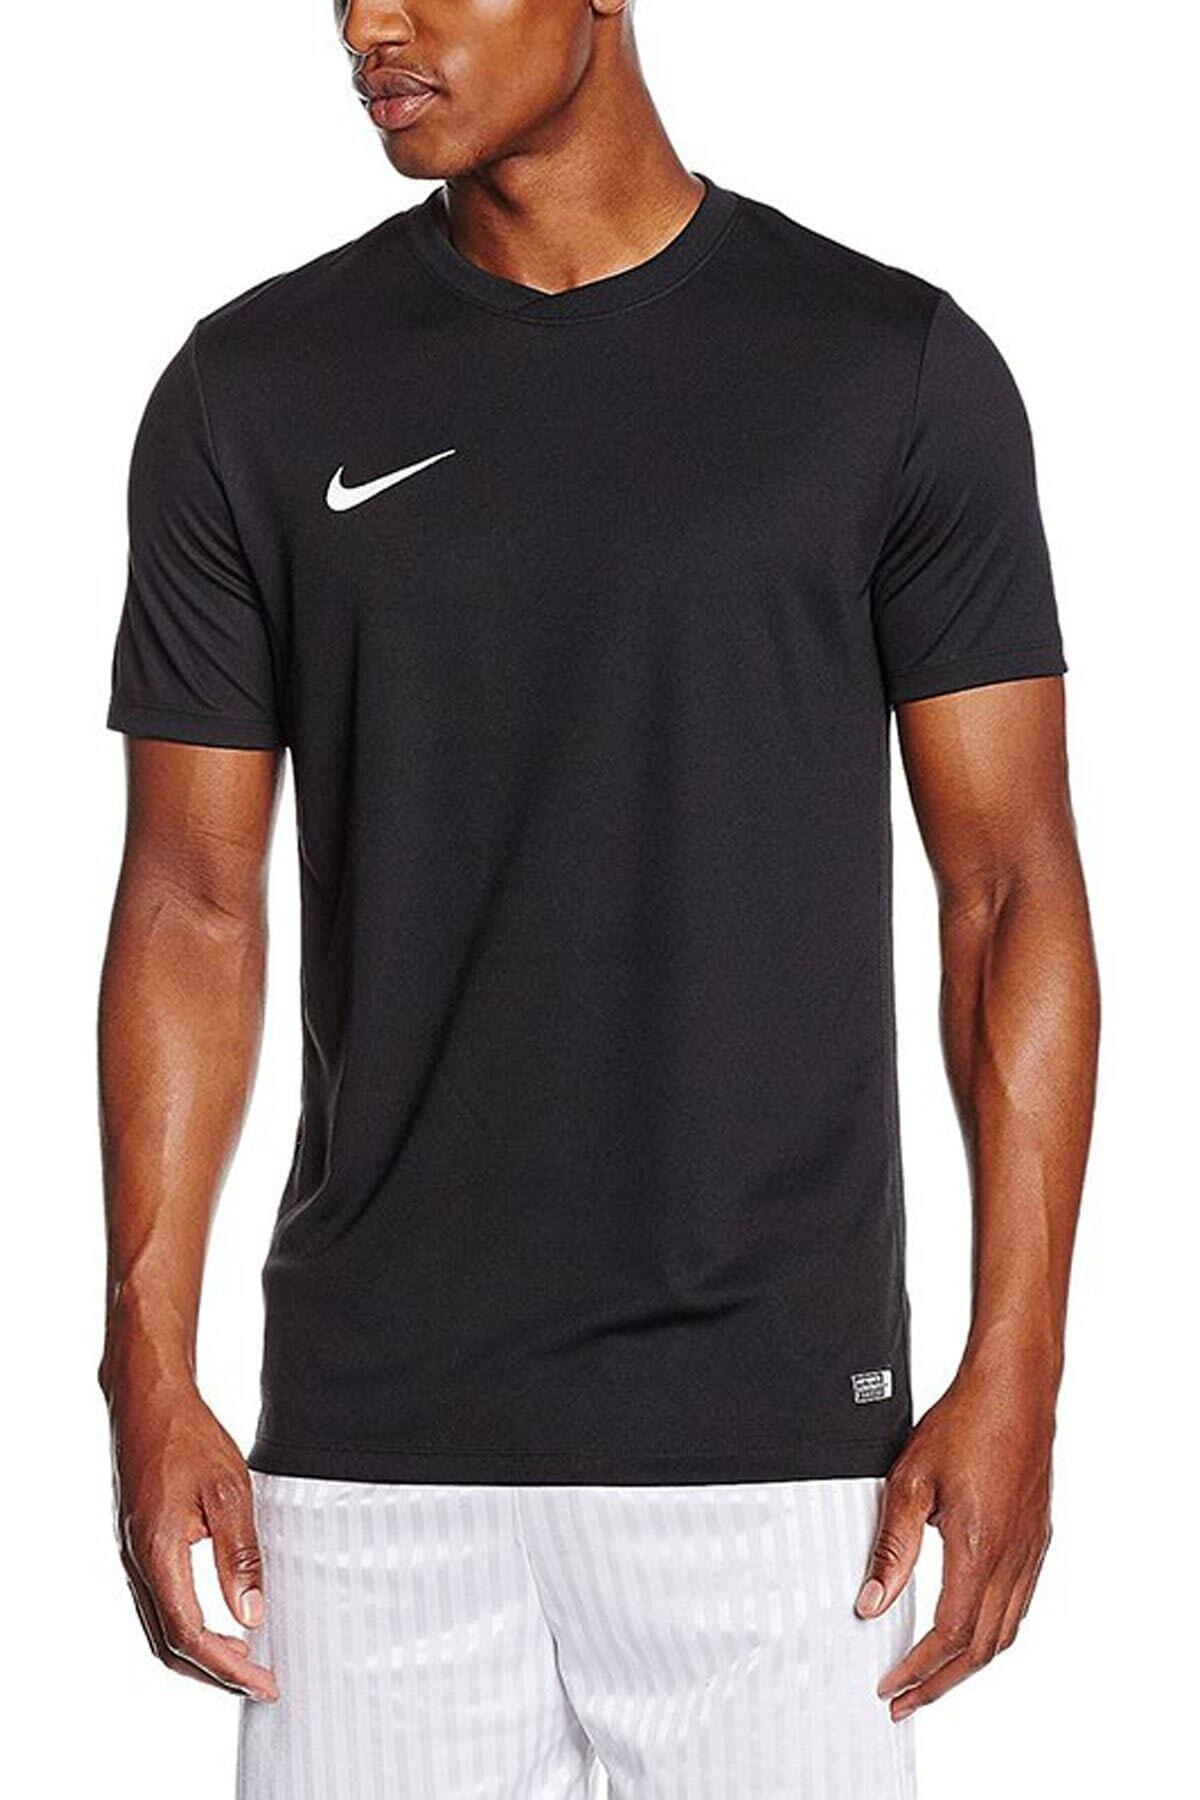 Nike Erkek T-shirt - Ss Park Vı Jsy - 725891-010 1